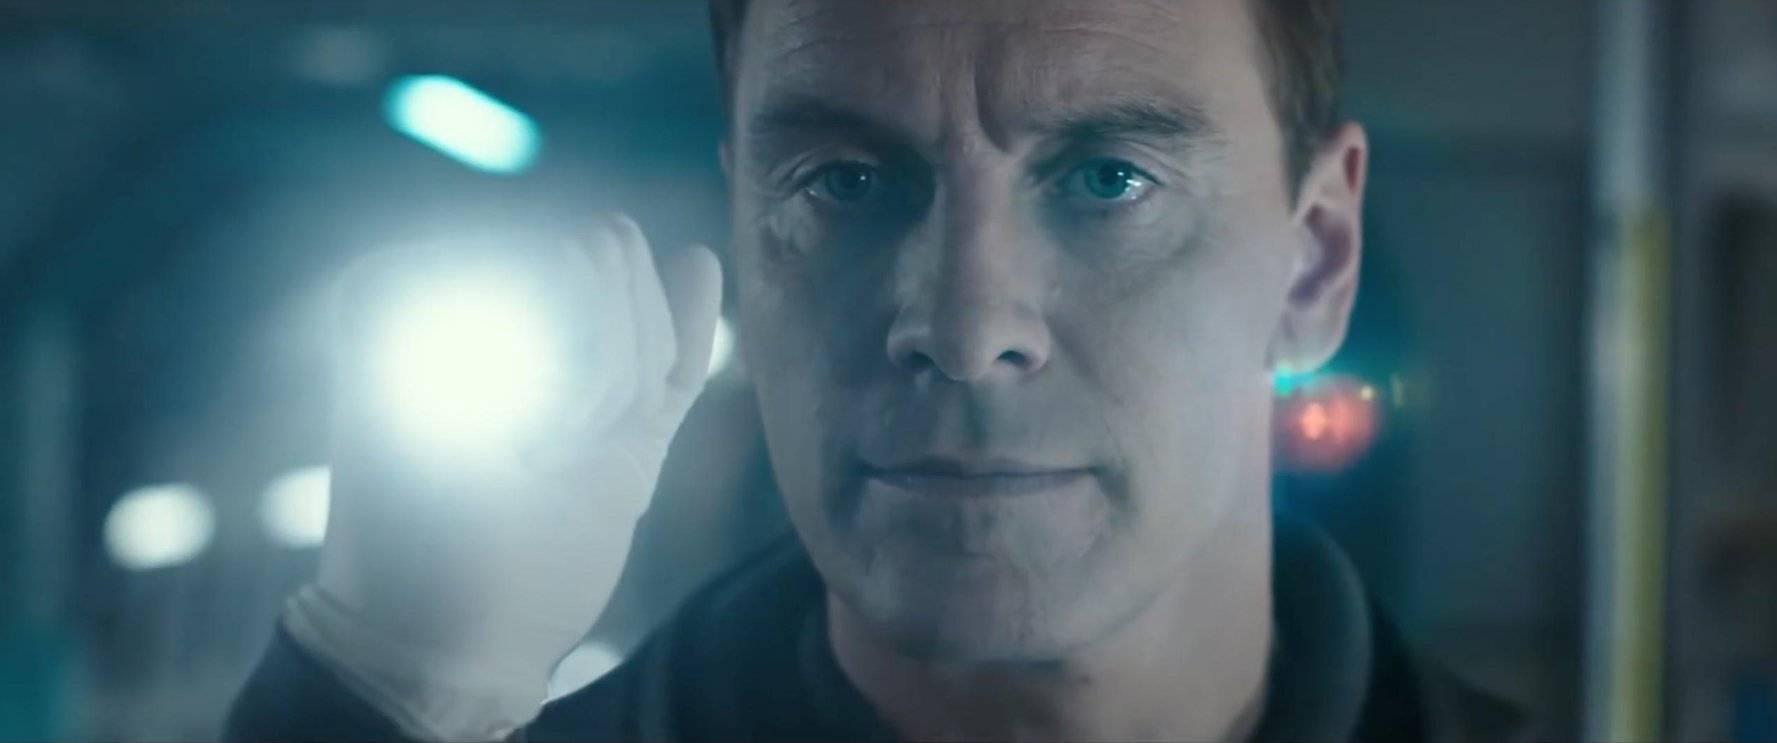 «Ридли Скотт вернулся к корням»: первые отзывы на фильм «Чужой: Завет» 2